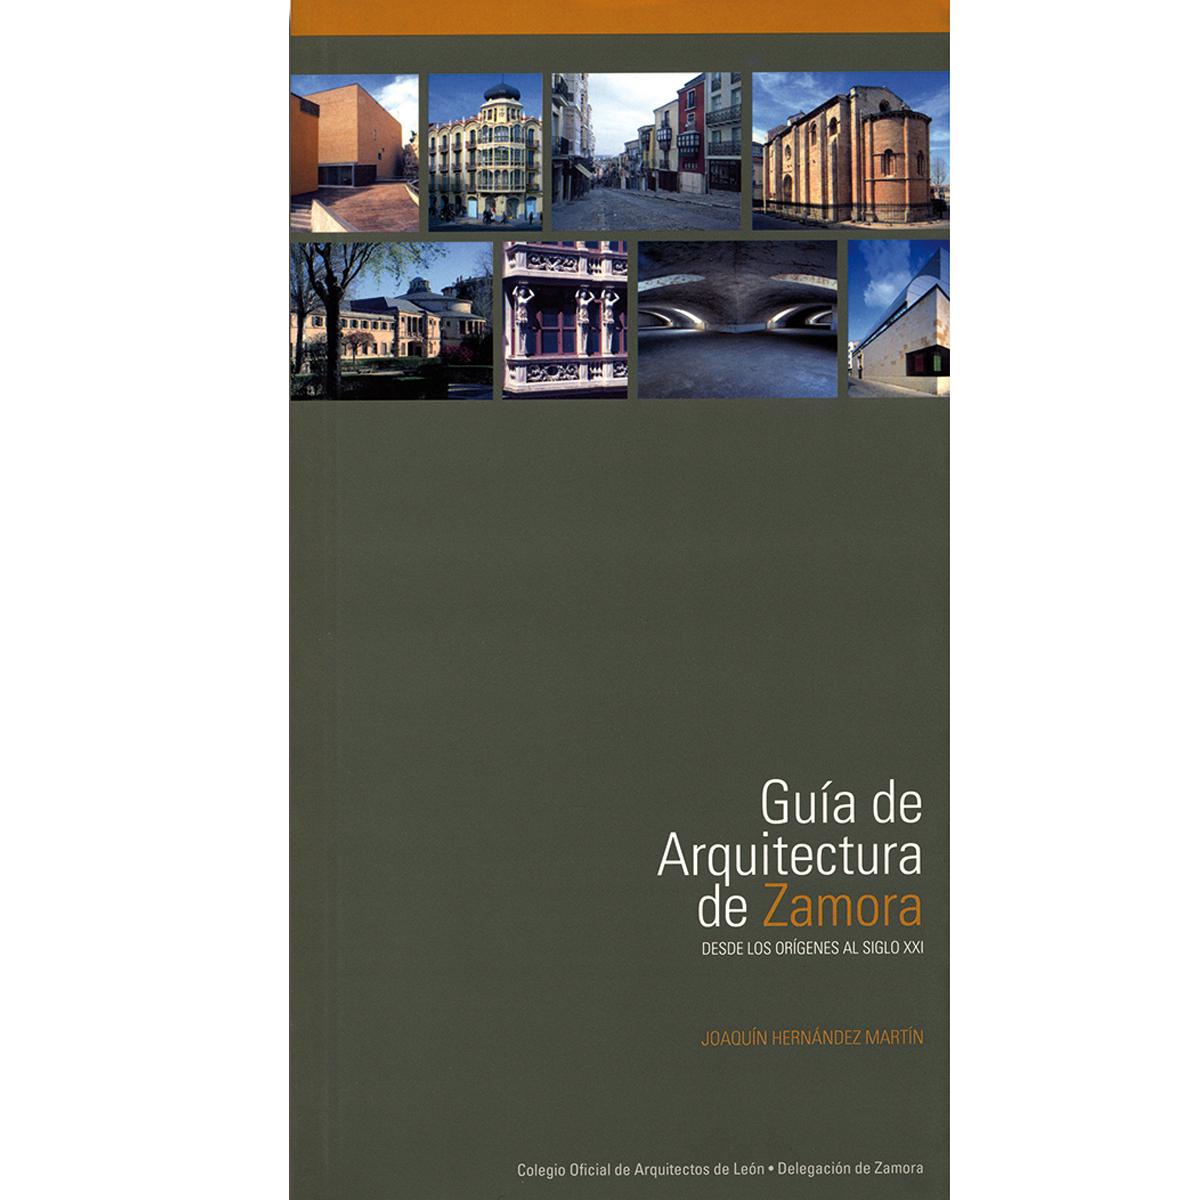 Guía de arquitectura de Zamora